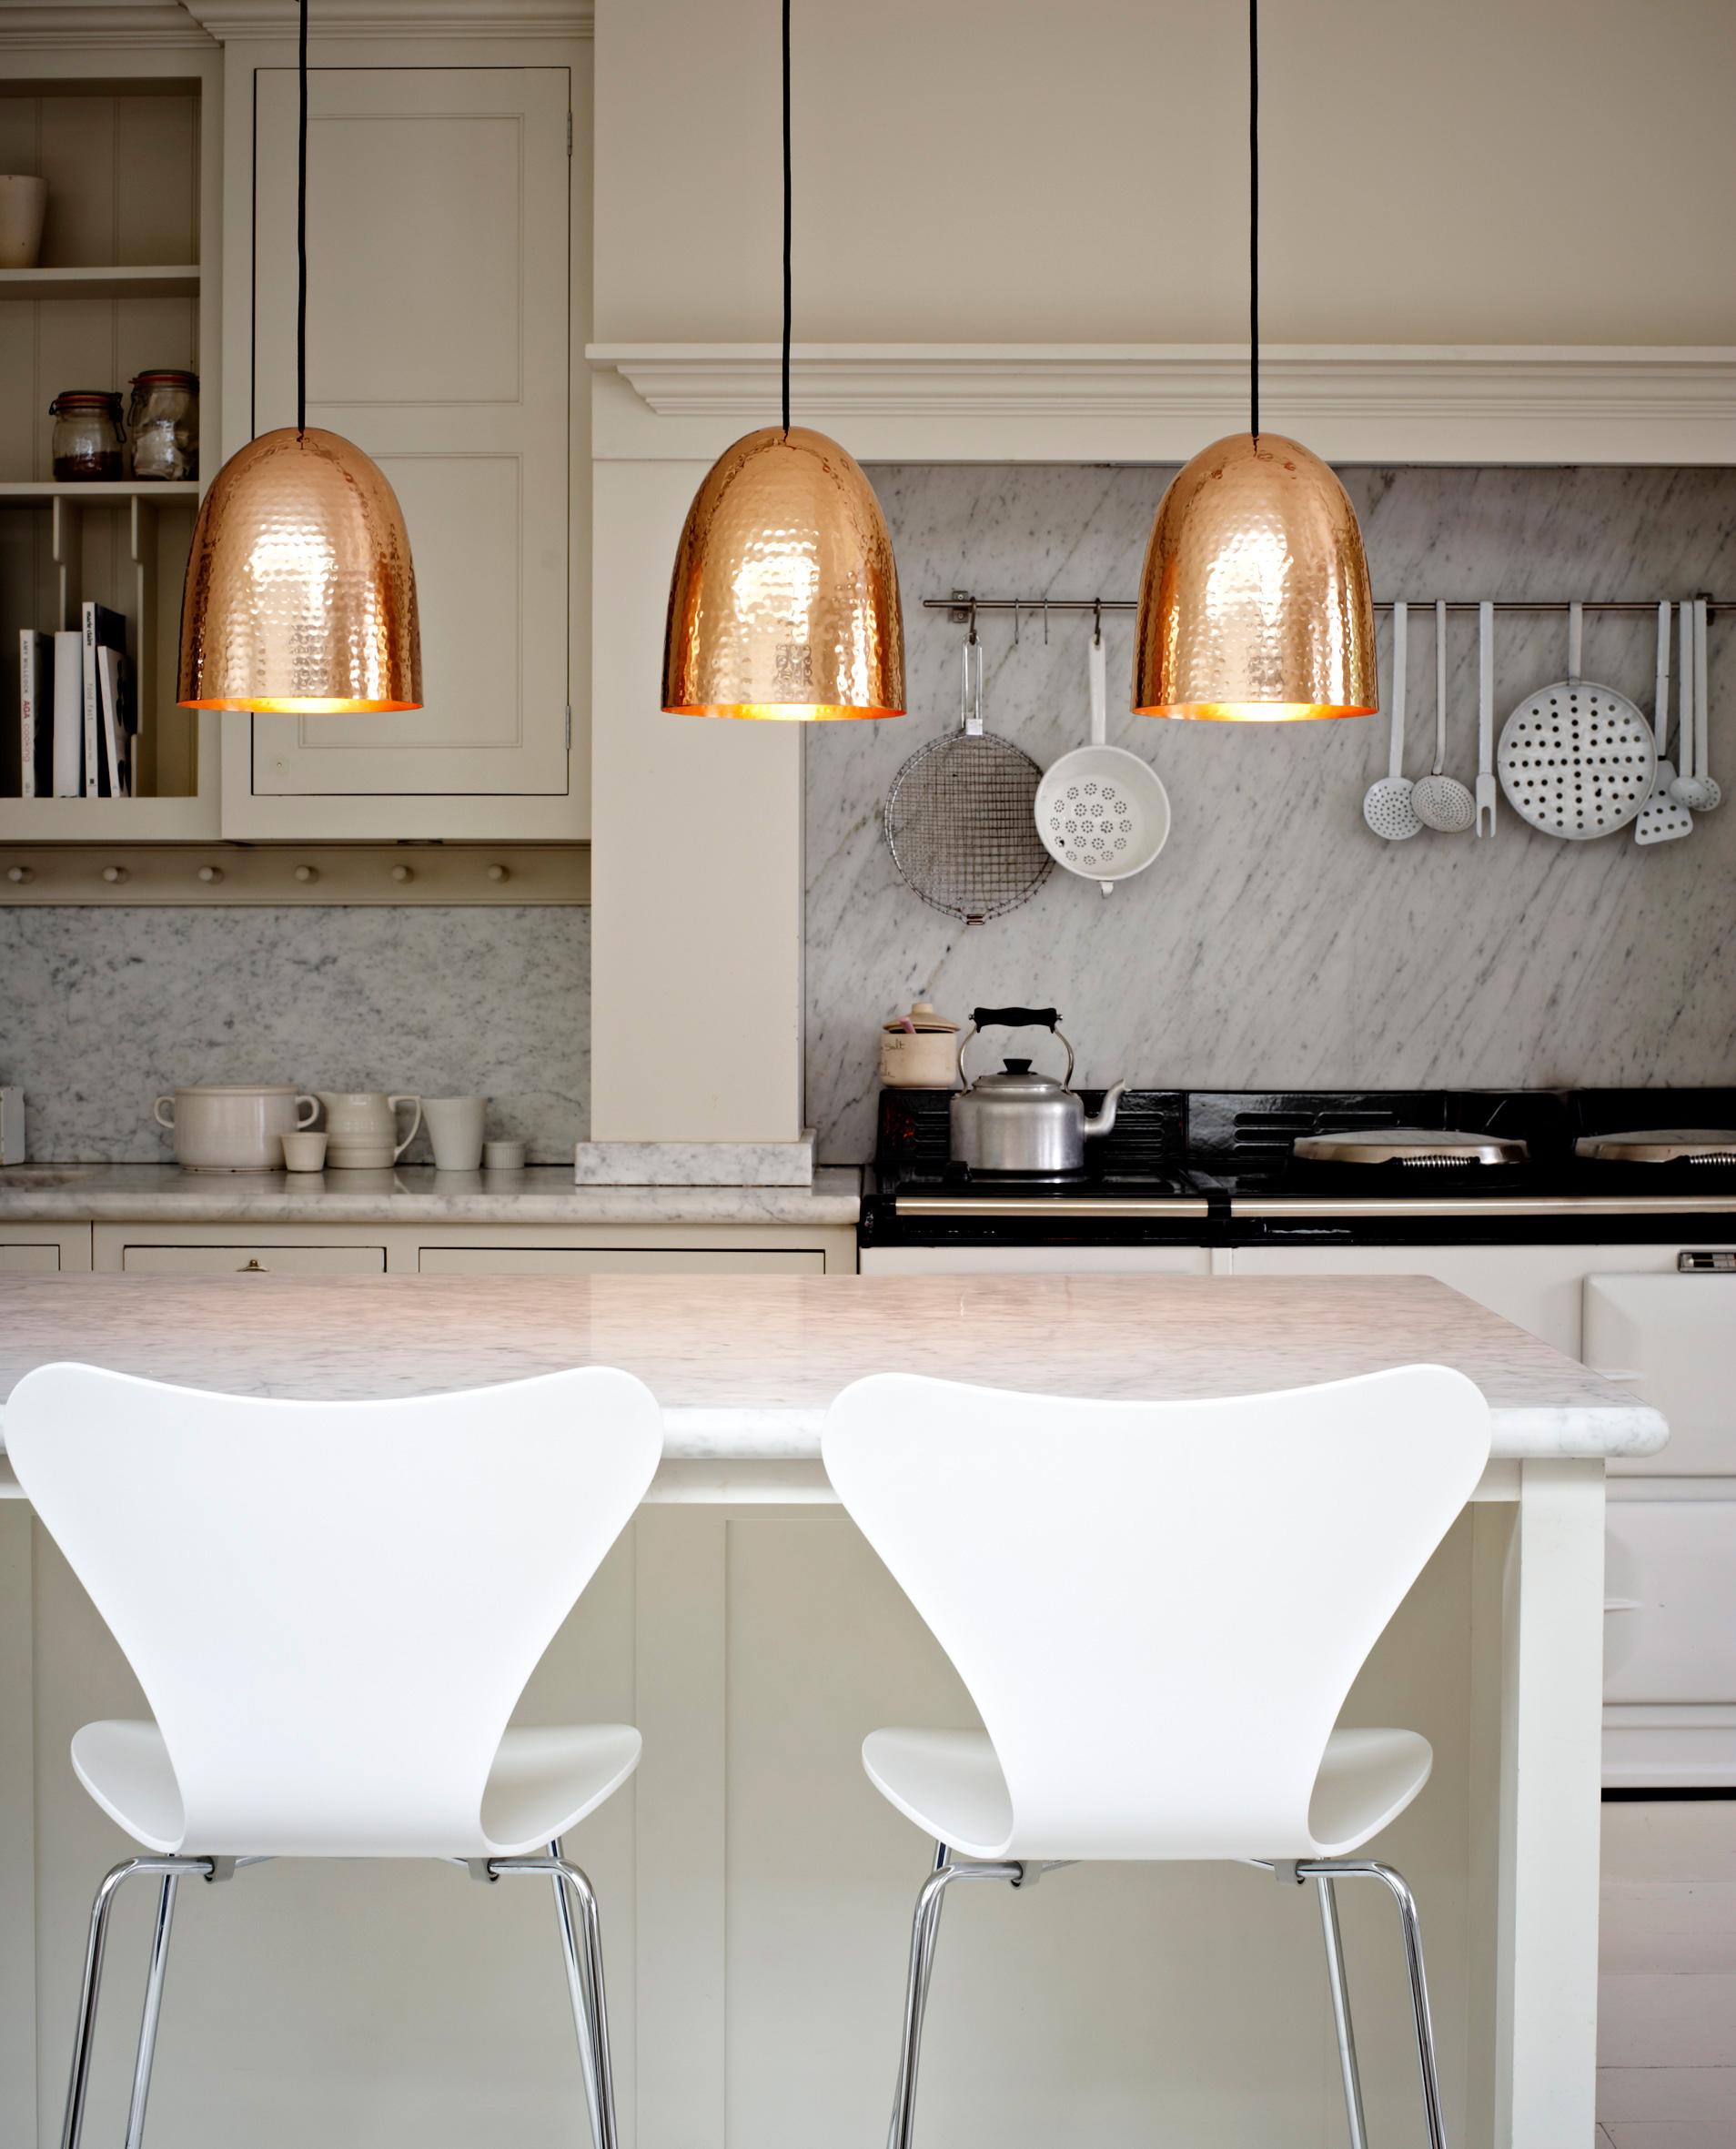 Eclairage Cuisine Led Plafond Éclairage intérieur : les cinq erreurs à éviter - madame figaro